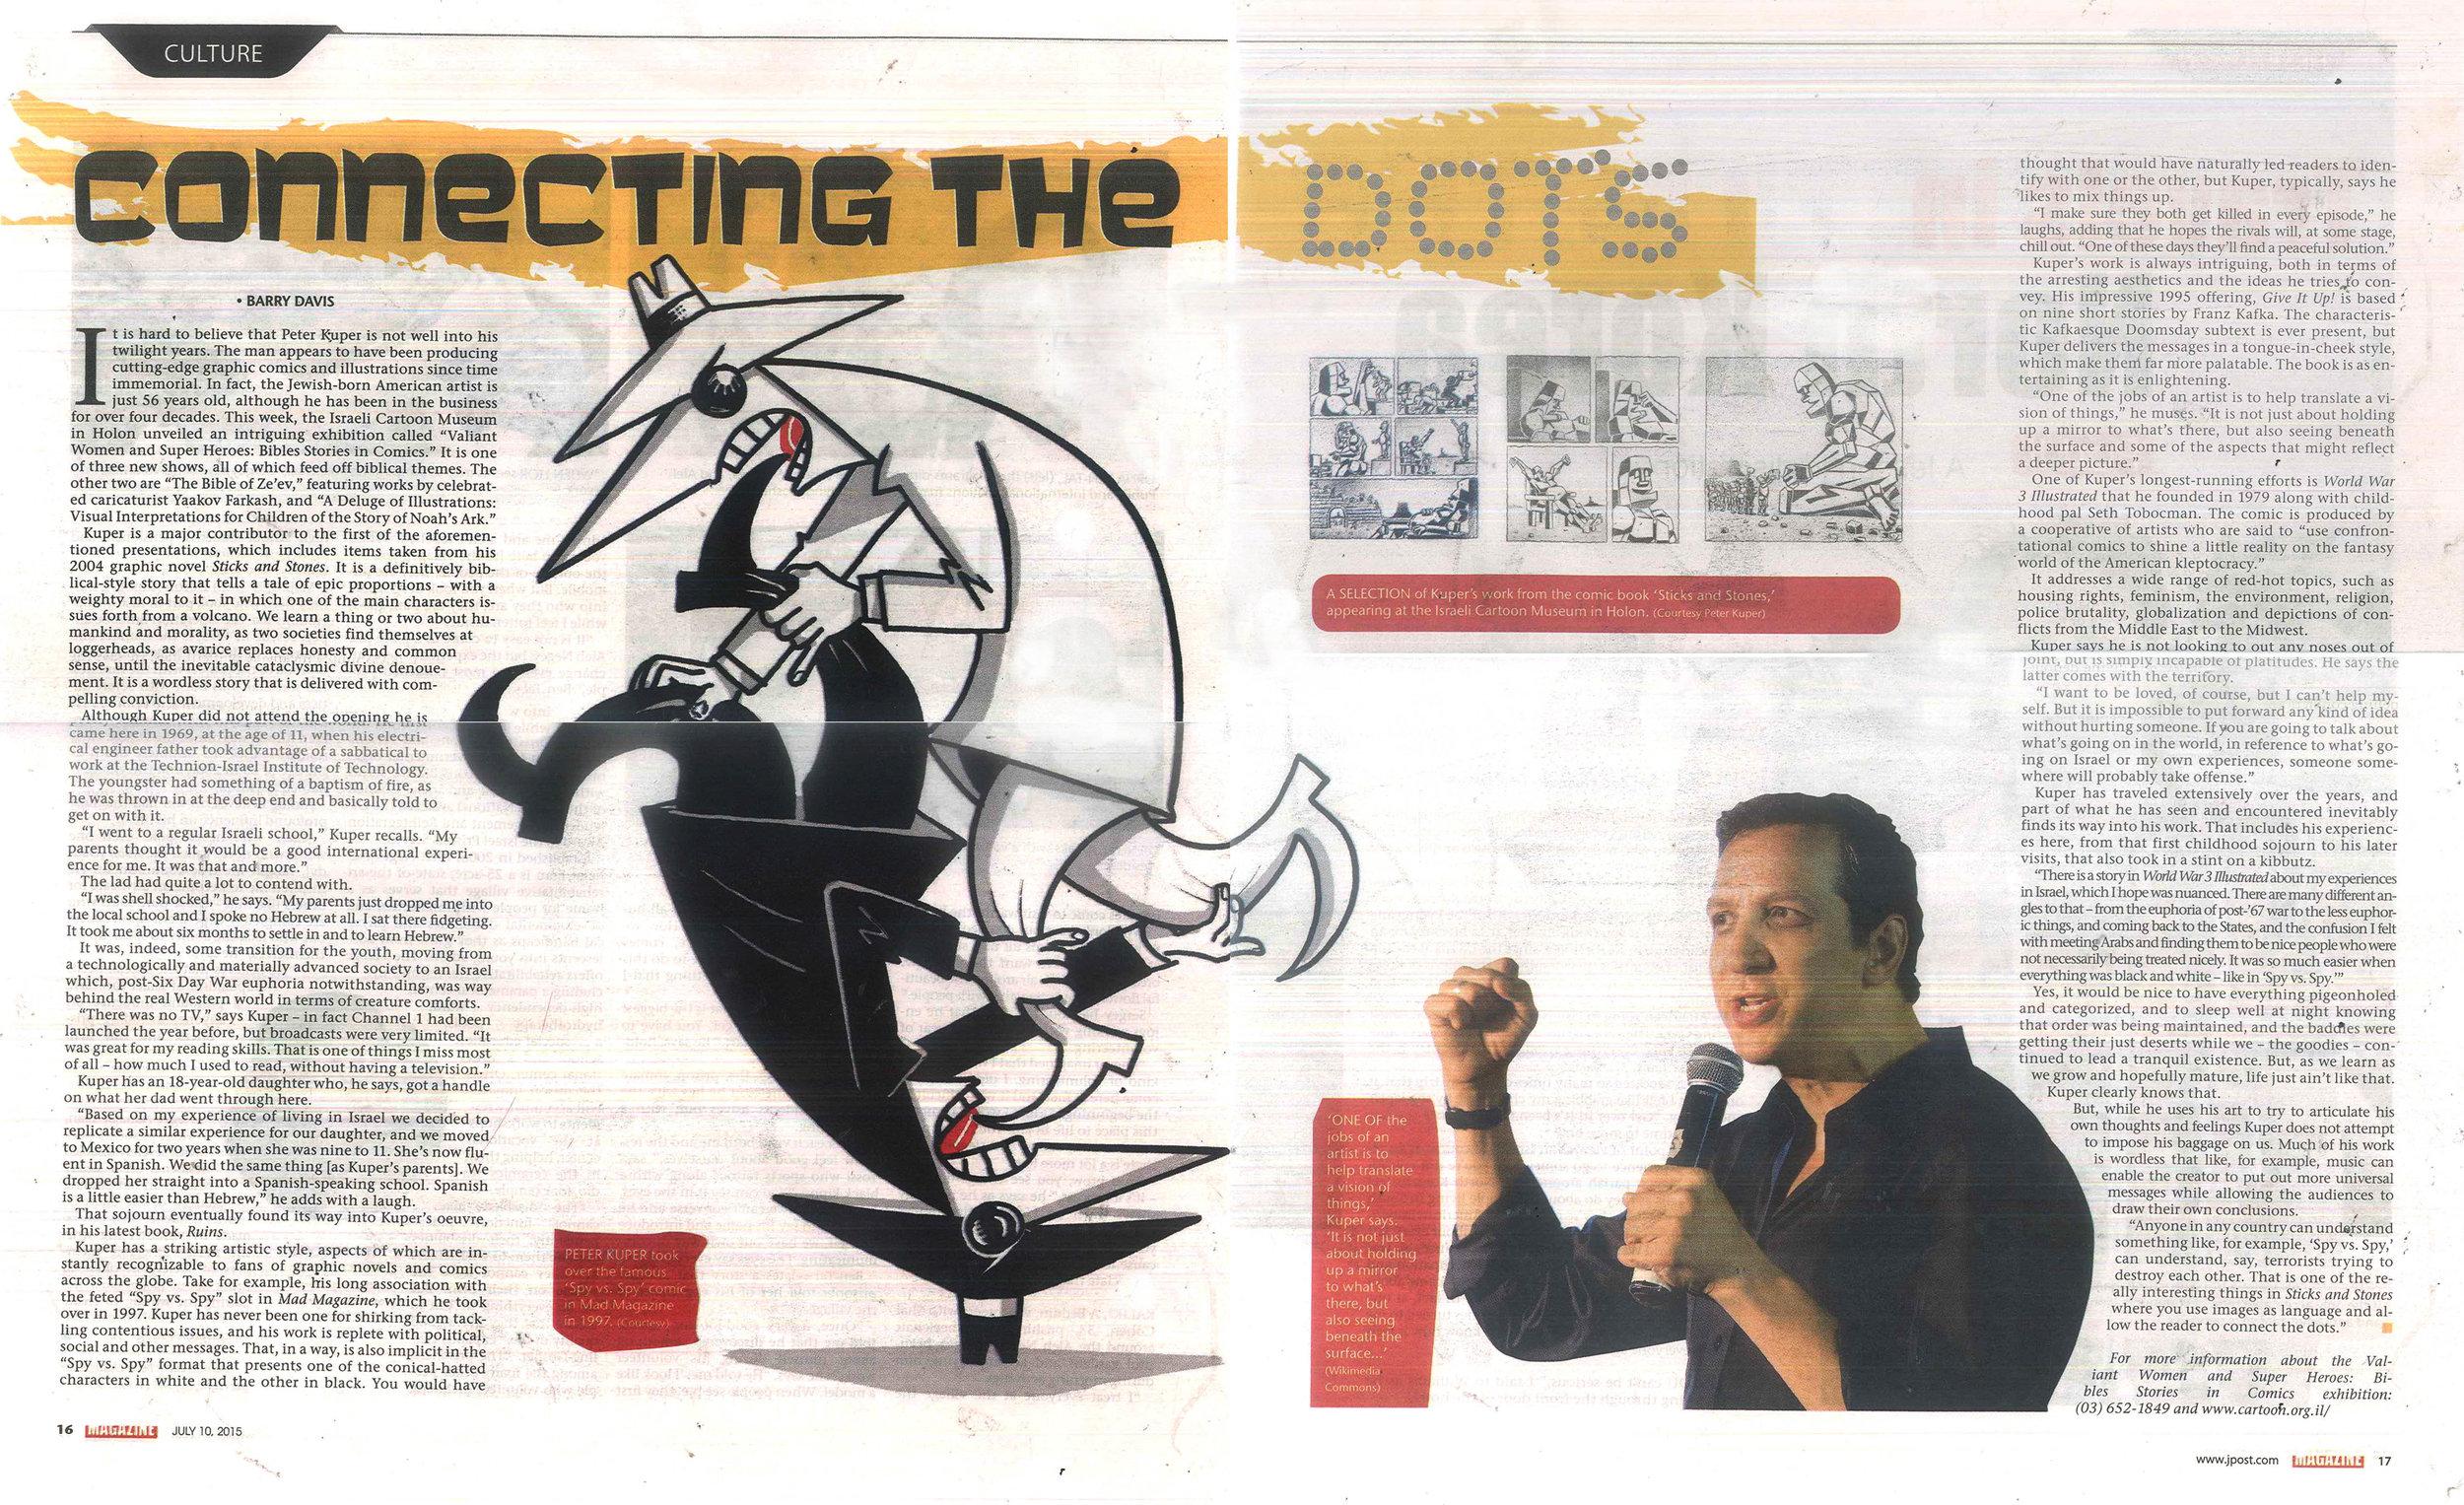 מגזין סוף השבוע של ג'רוזלם פוסט - ריאיון עם פיטר קופר-4.jpg